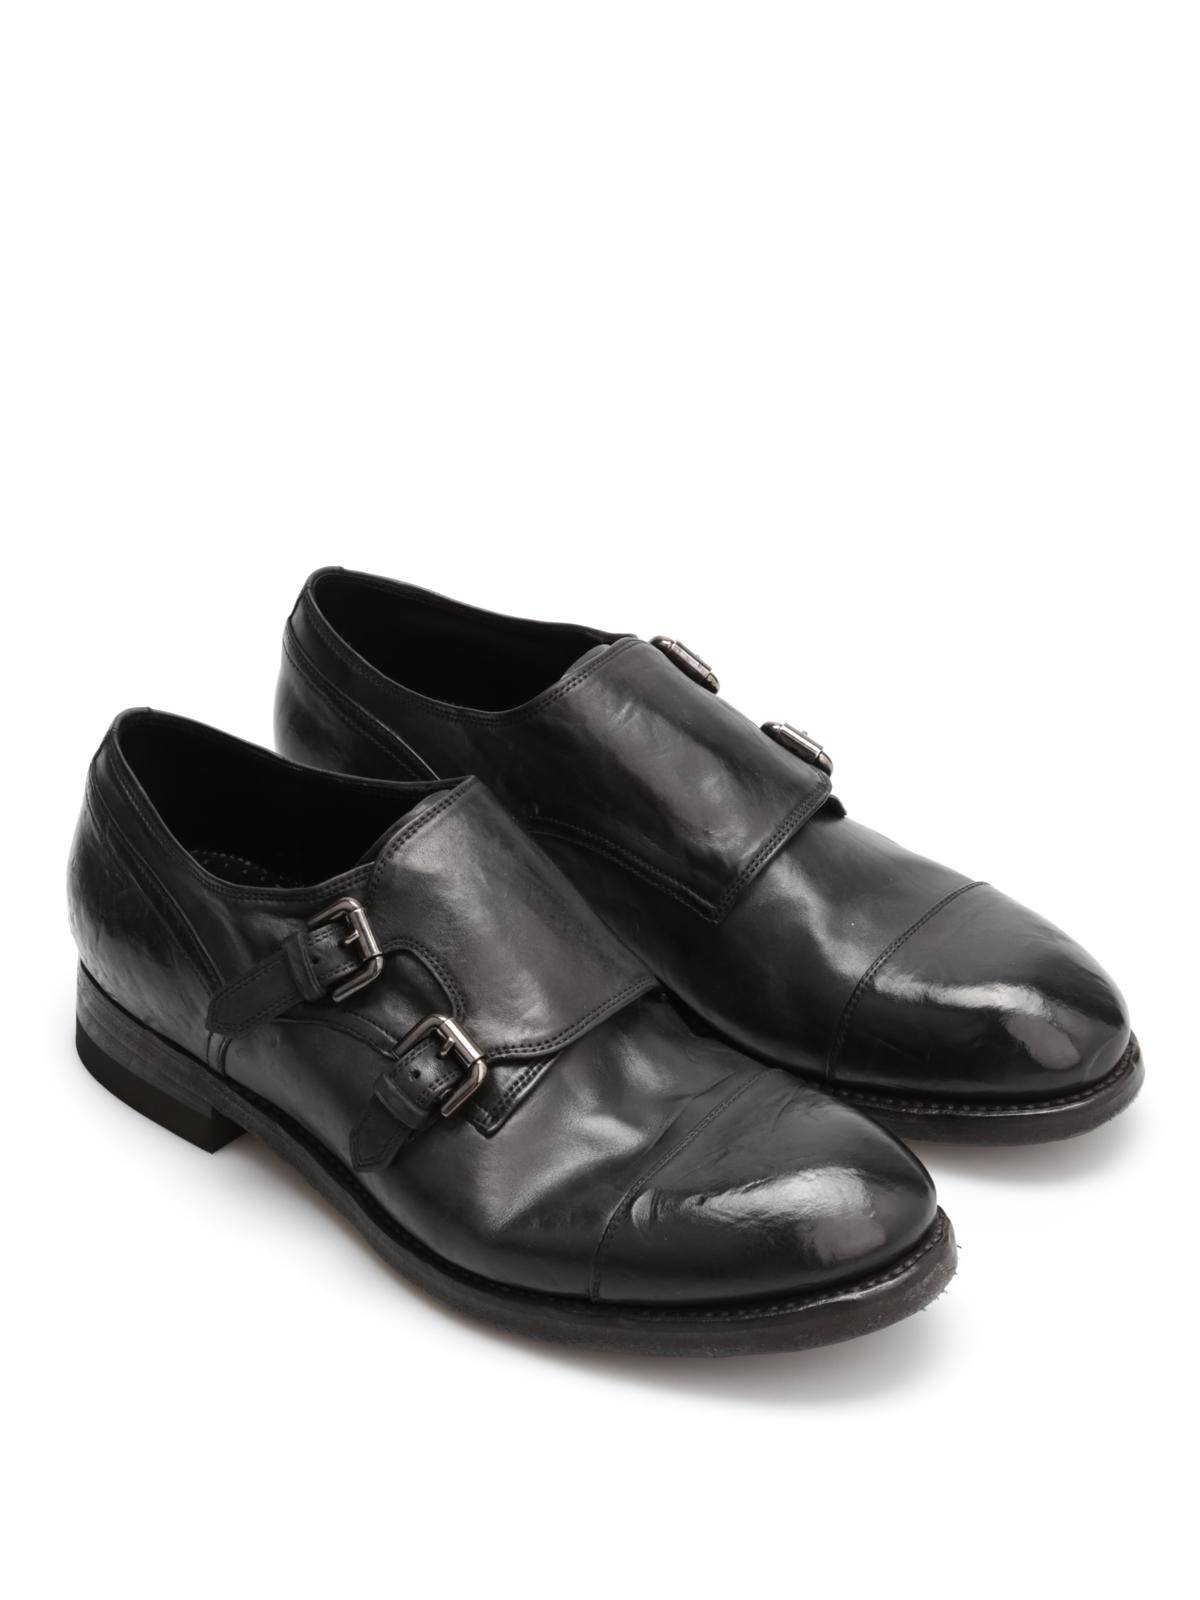 info for 08ed9 e9d3e Silvano Sassetti - Monk strap in cuoio vintage - scarpe ...